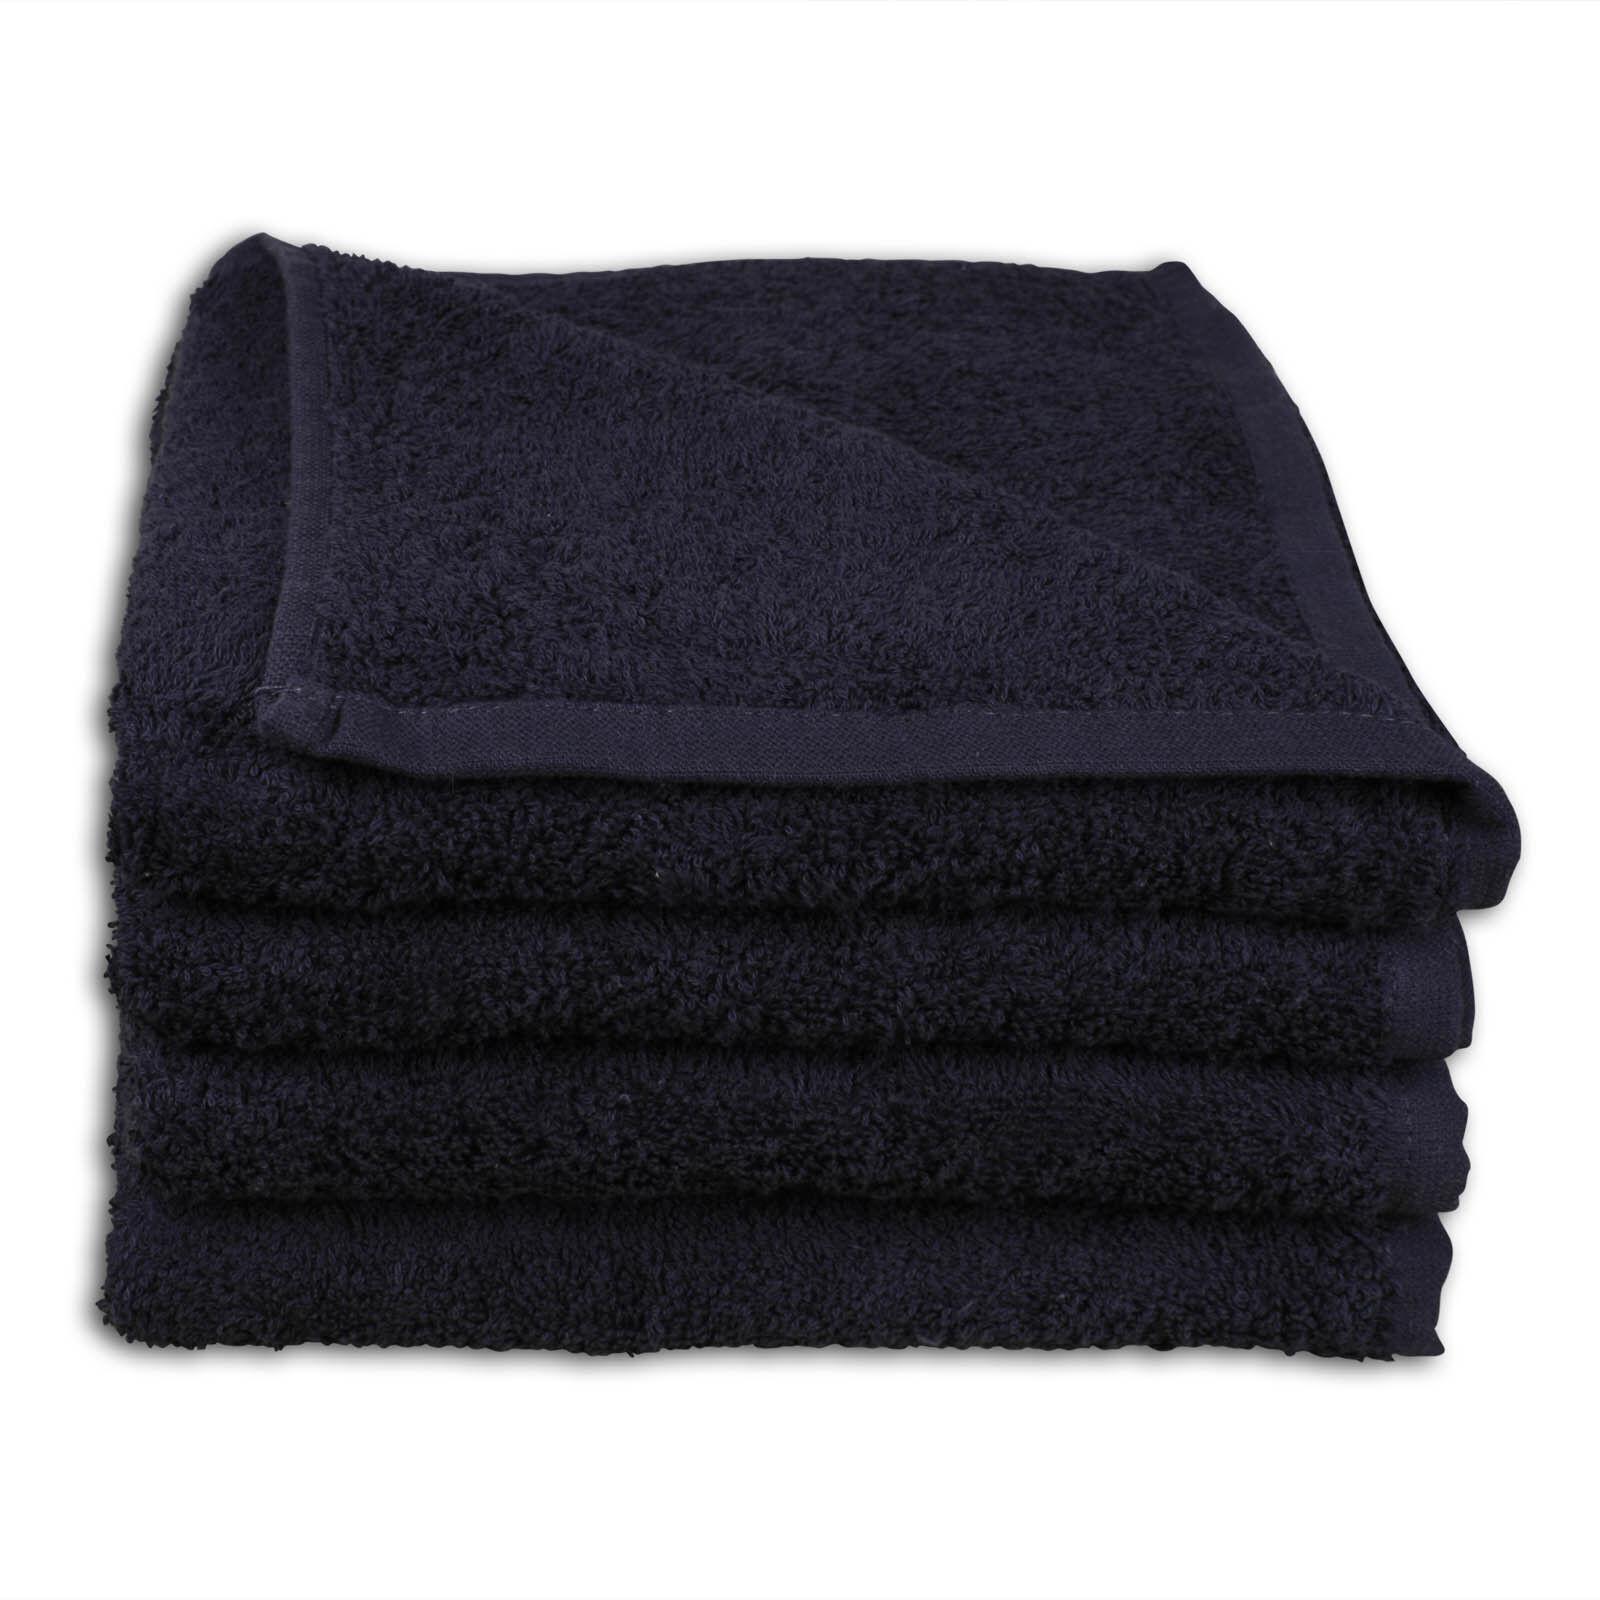 12 tlg. tlg. tlg. Handtuch Set Handtücher Badetücher Duschtücher 50x100 aus 100% Baumwolle       Spielen Sie Leidenschaft, spielen Sie die Ernte, spielen Sie die Welt  d9b664